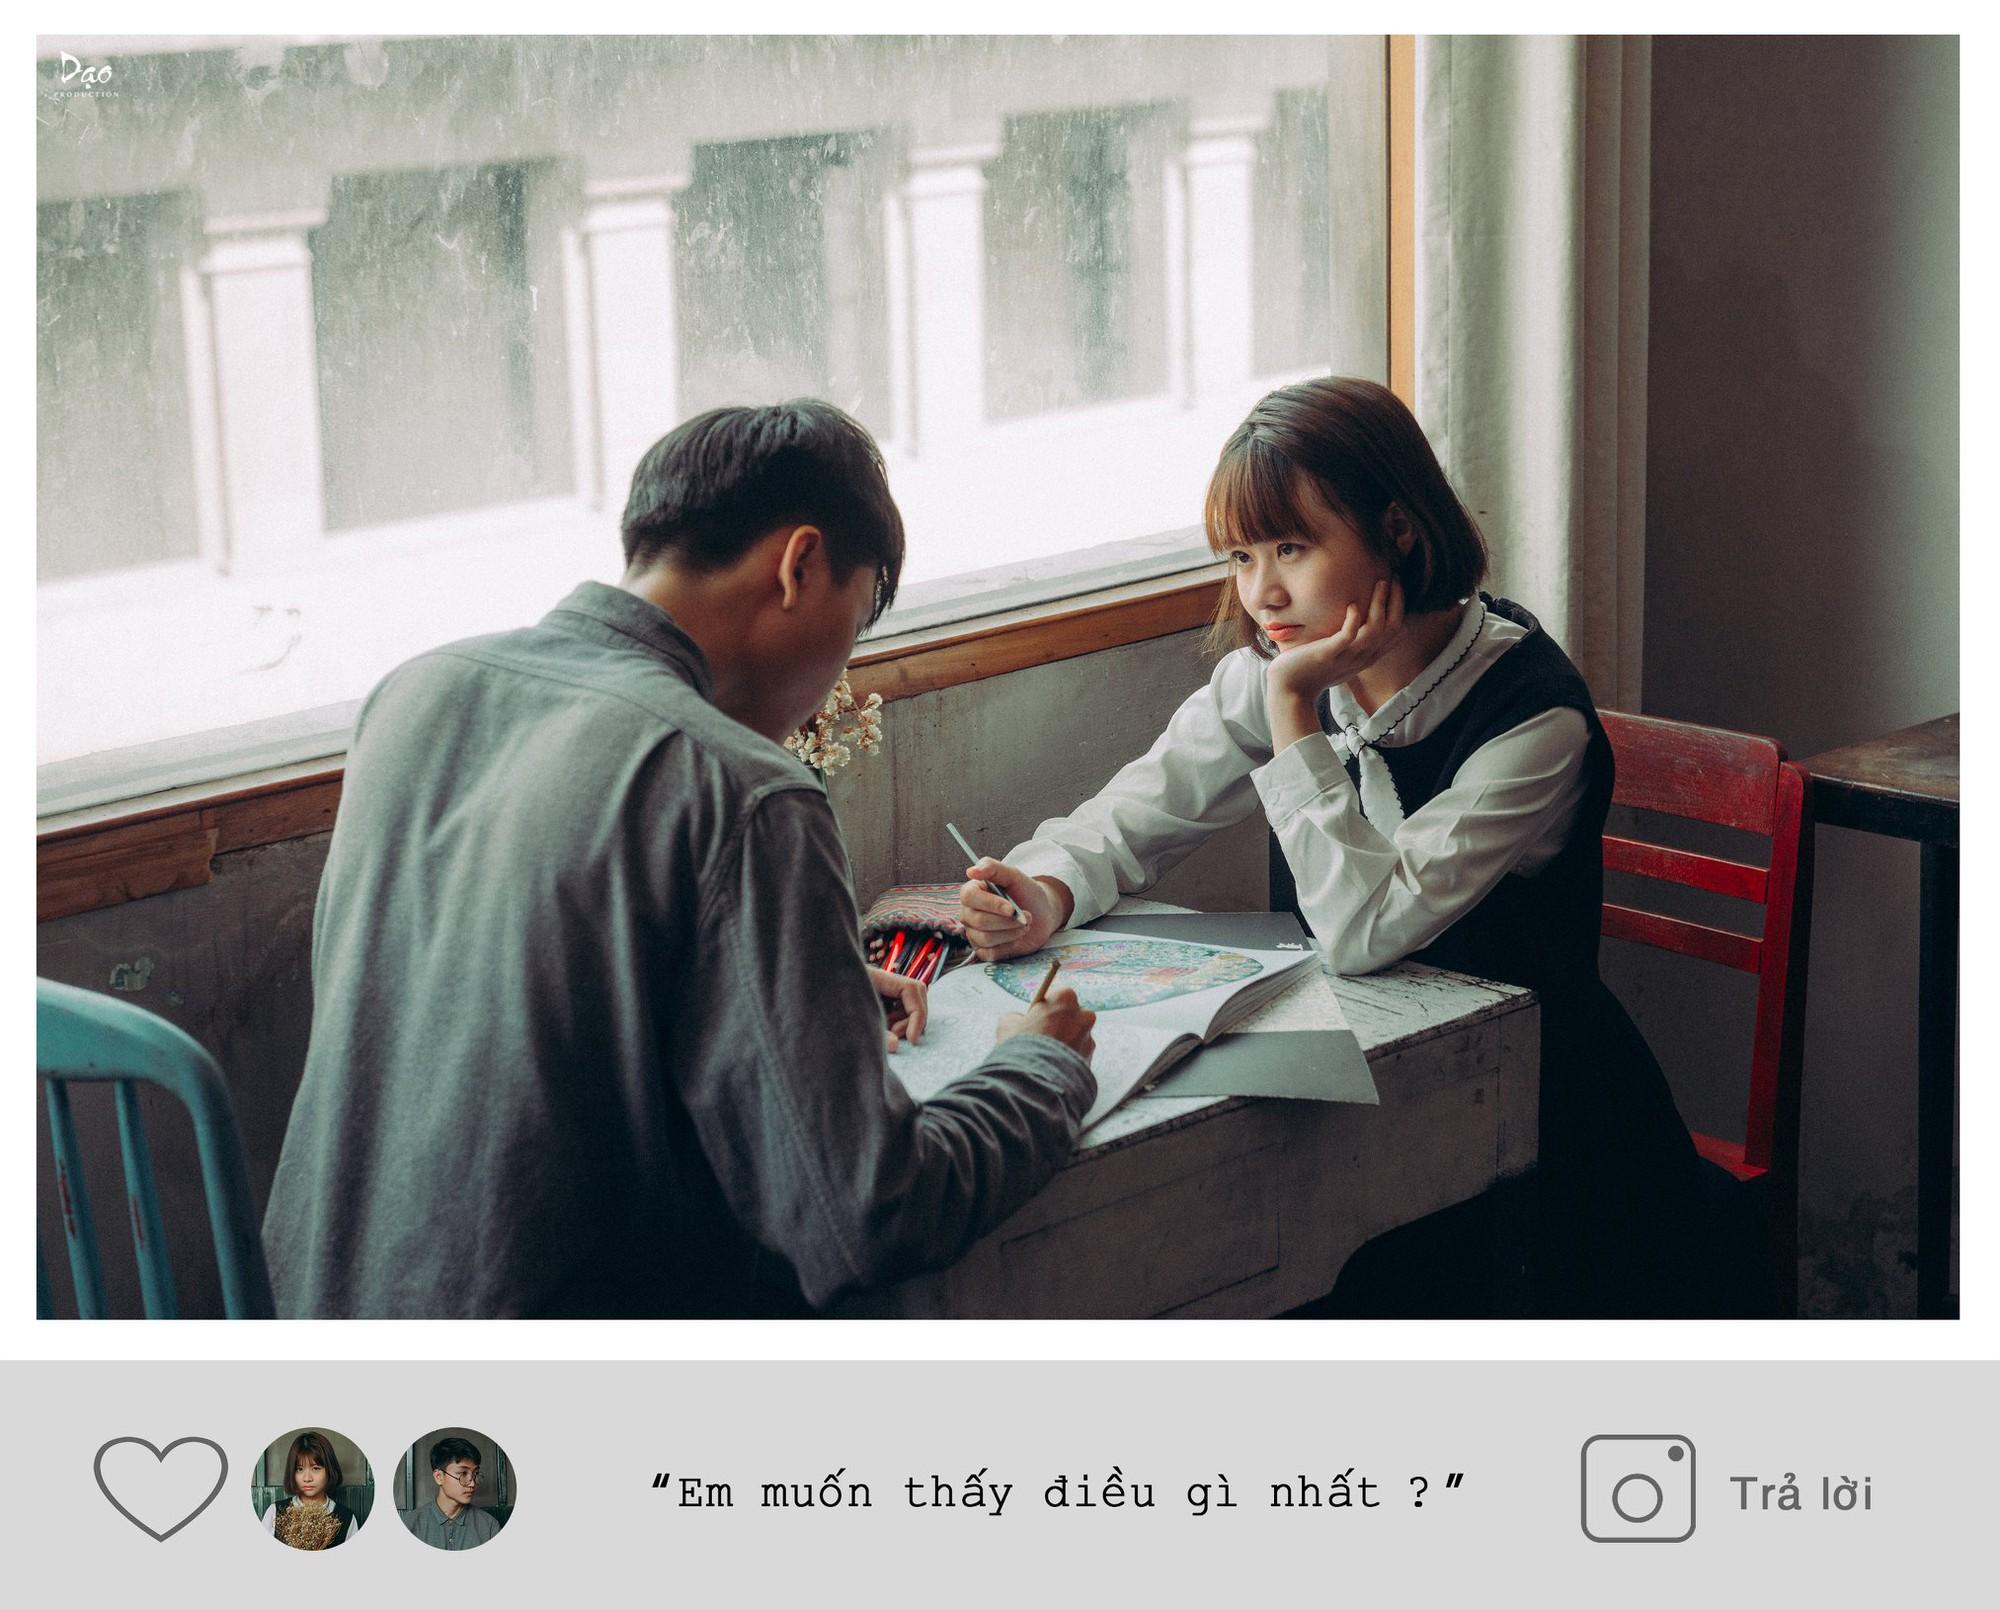 Bộ ảnh mới toanh của cặp đôi trường Trưng Vương từng được mến mộ nhờ mối tình chị em cực dễ thương - Ảnh 5.